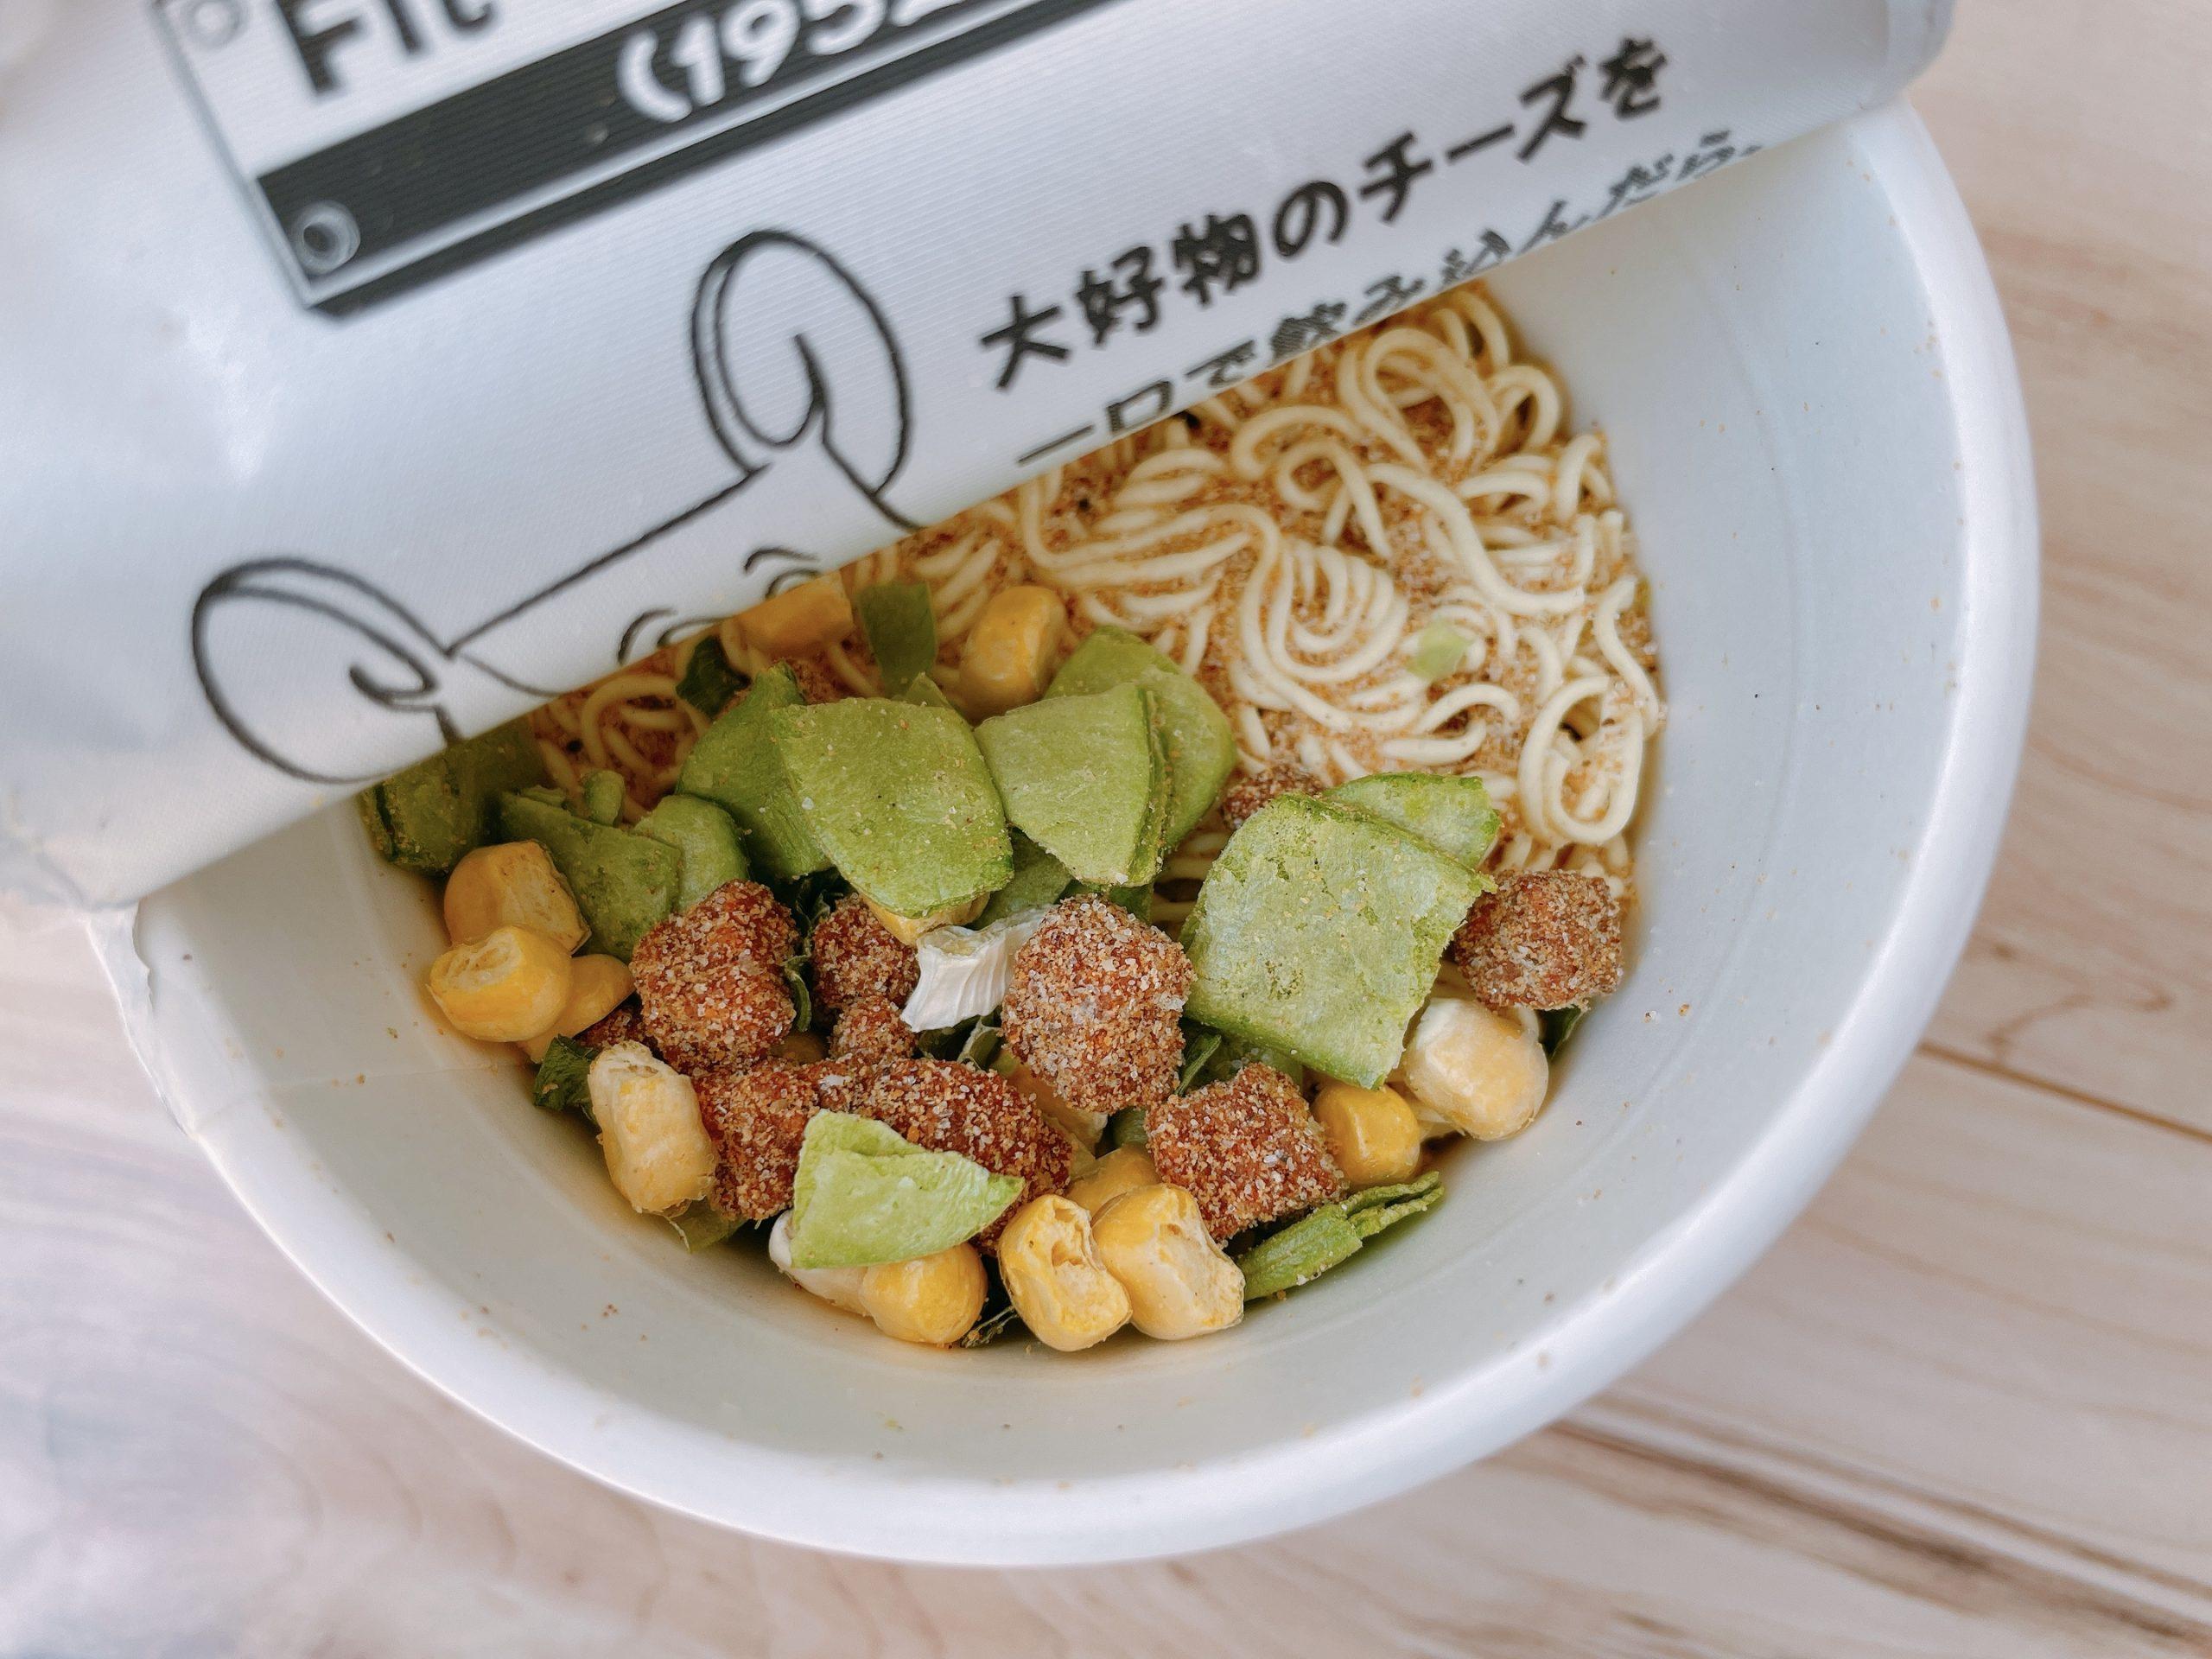 サッポロ一番カップスター味噌開封